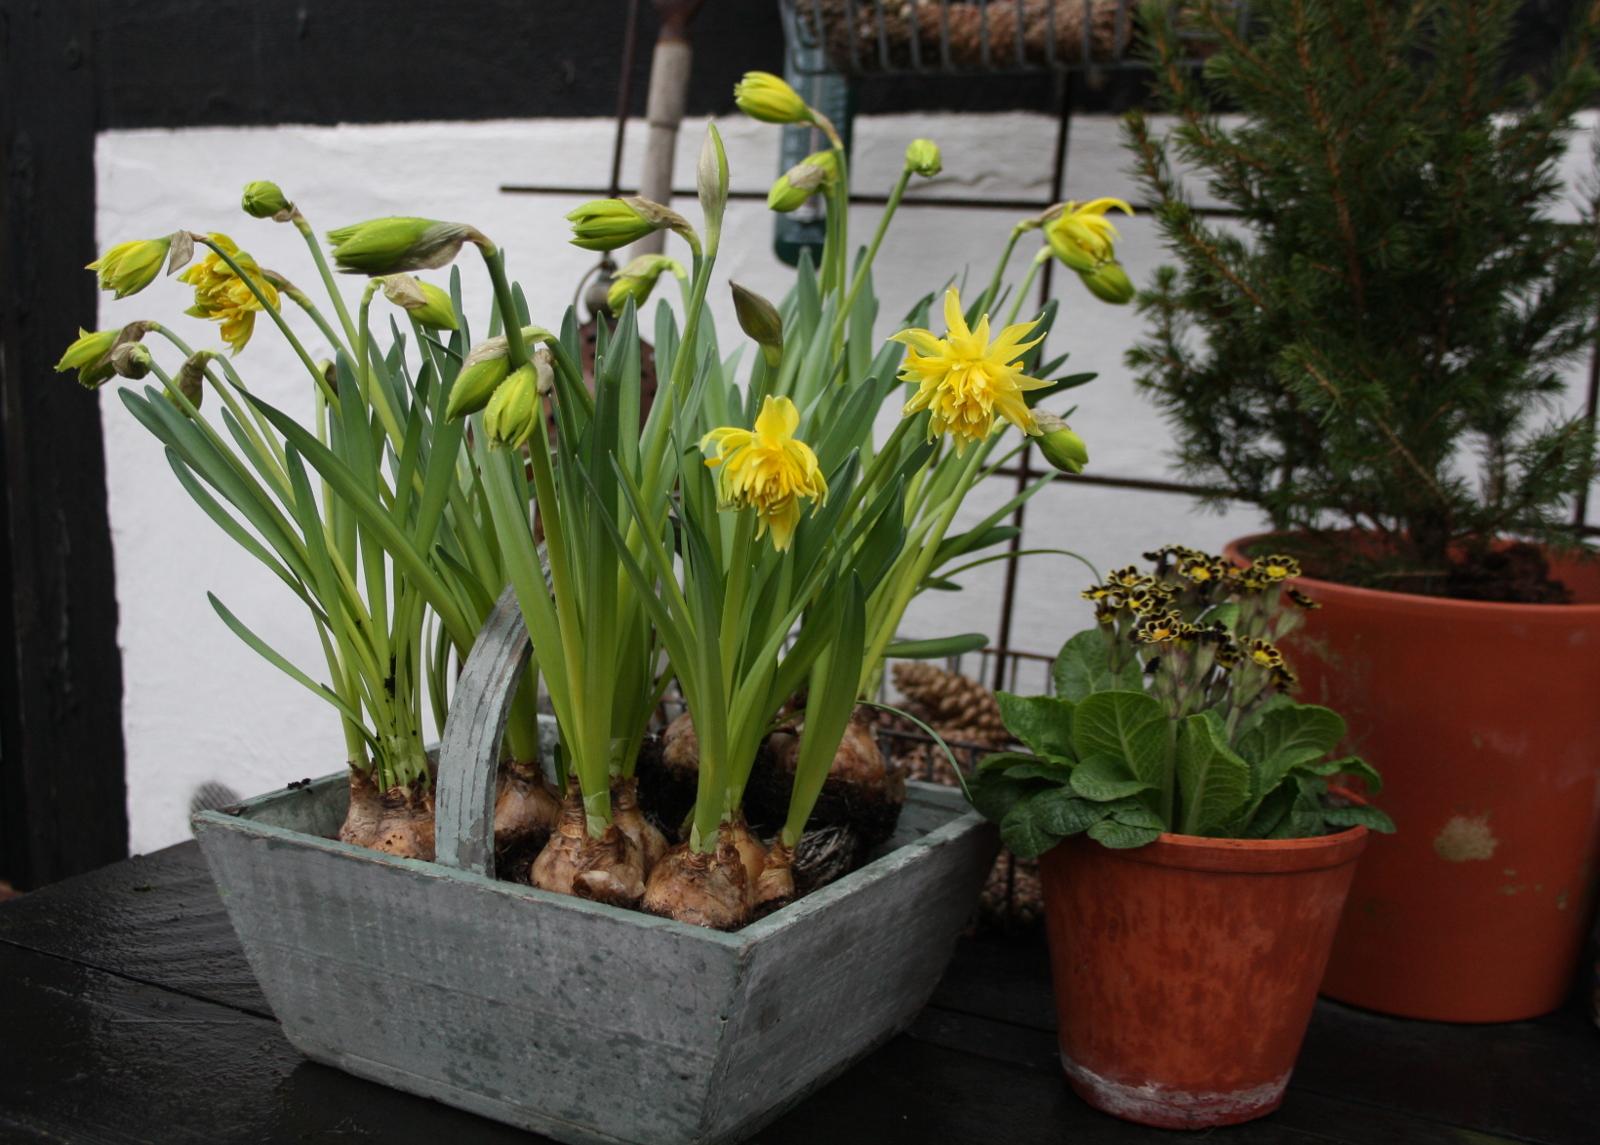 Narcis rip van wrinkle